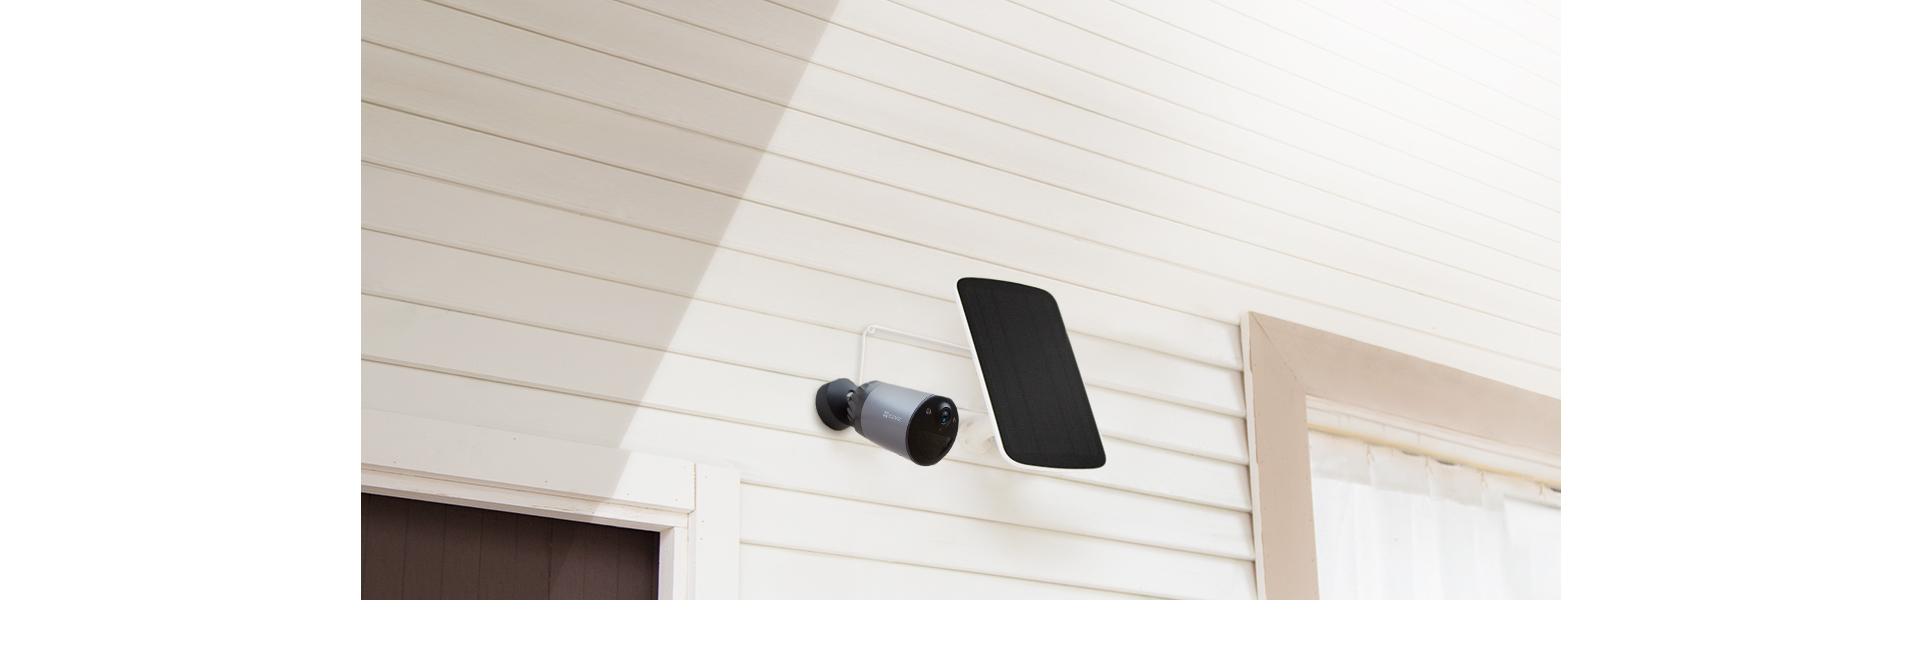 Tấm pin Camera chạy pin BC1C